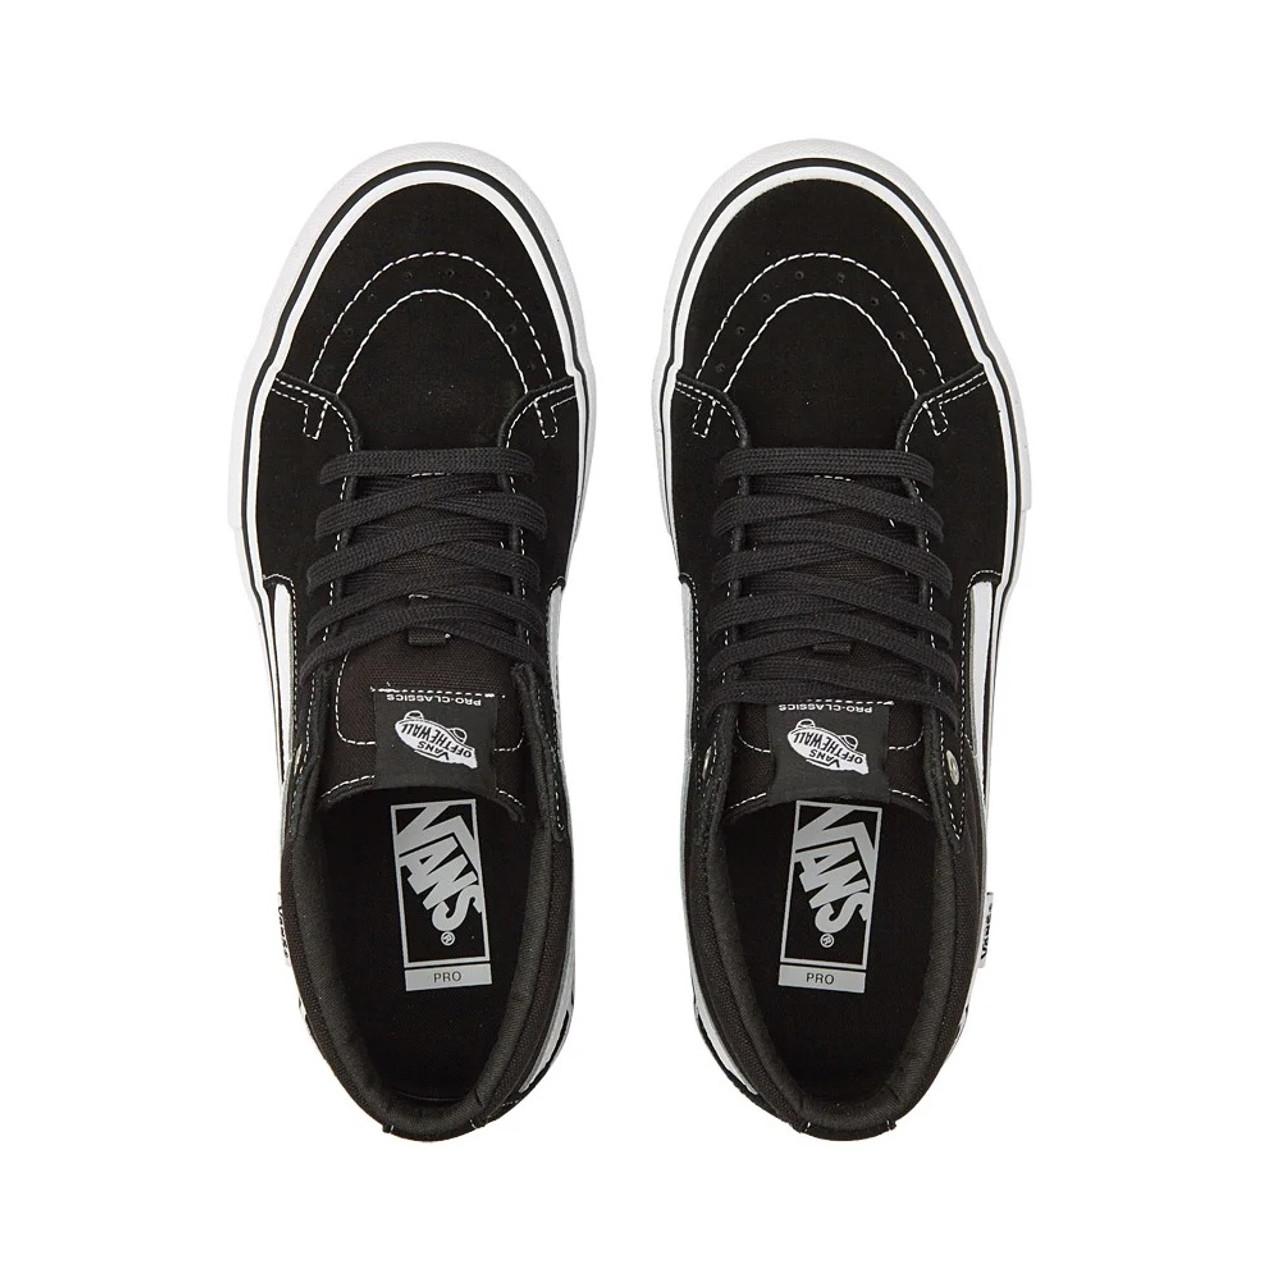 VANS Sk8-Mid Pro Shoes Black/White